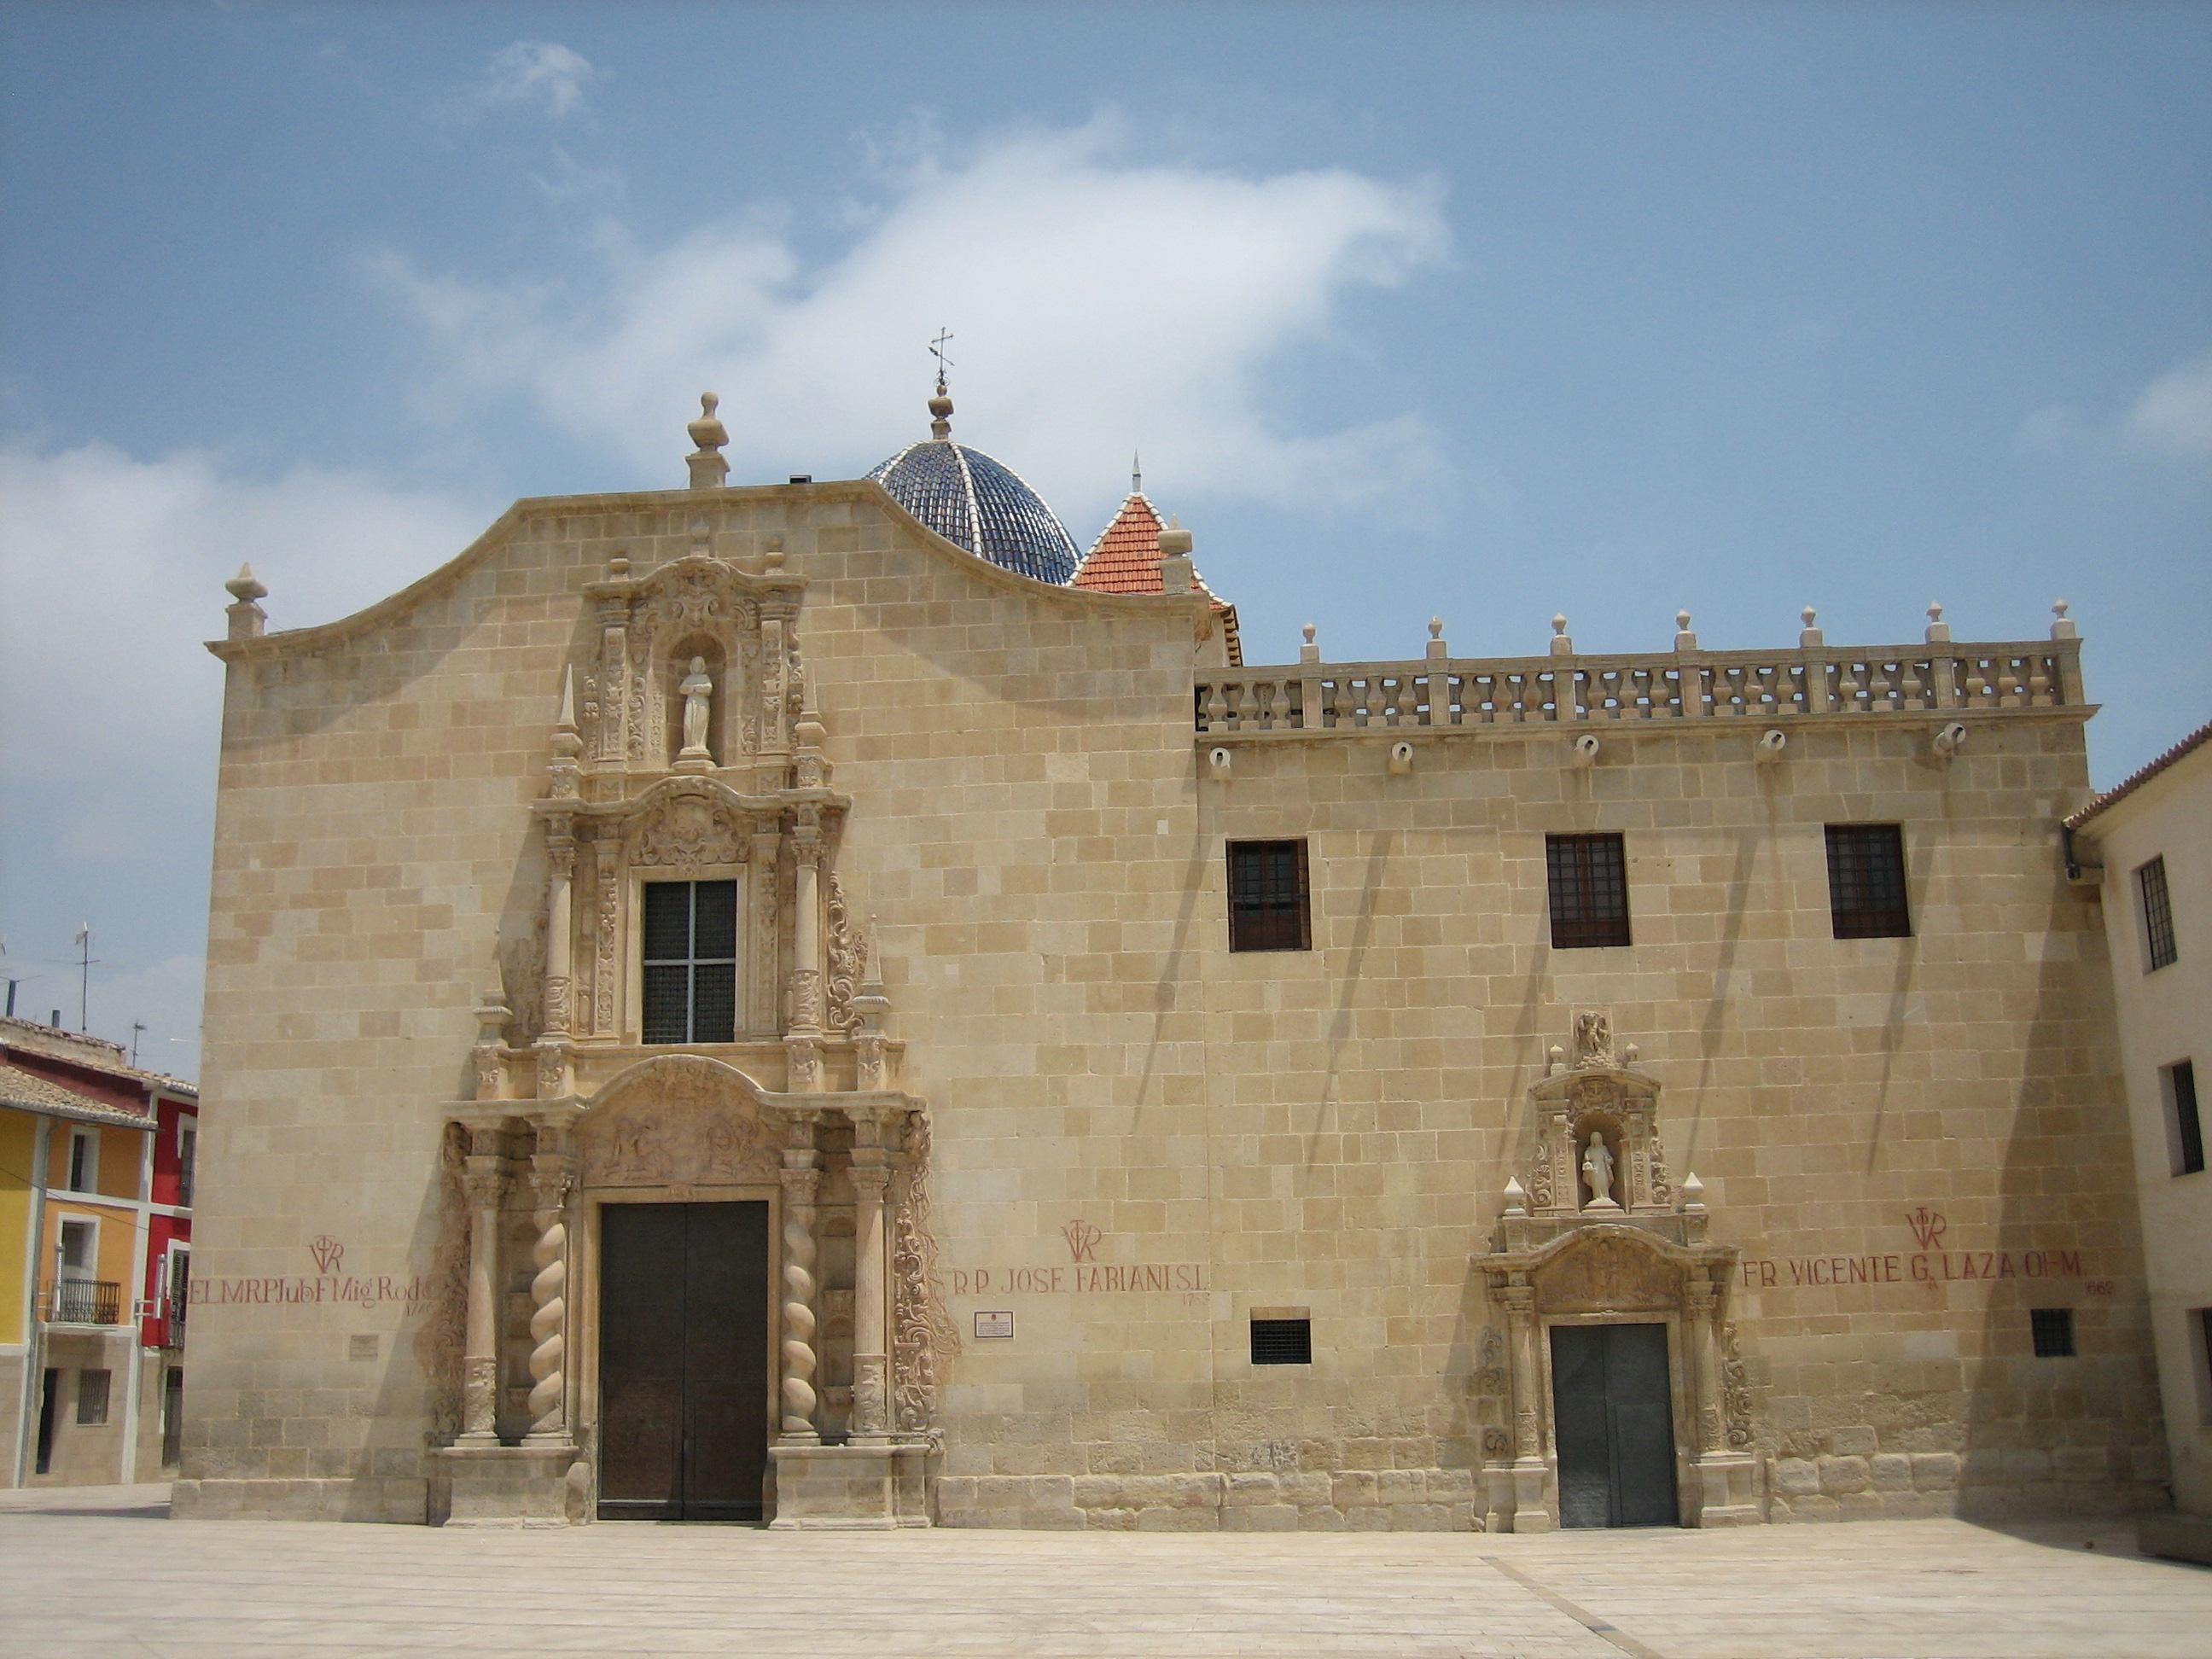 Santa Faz Monastery, Alicante